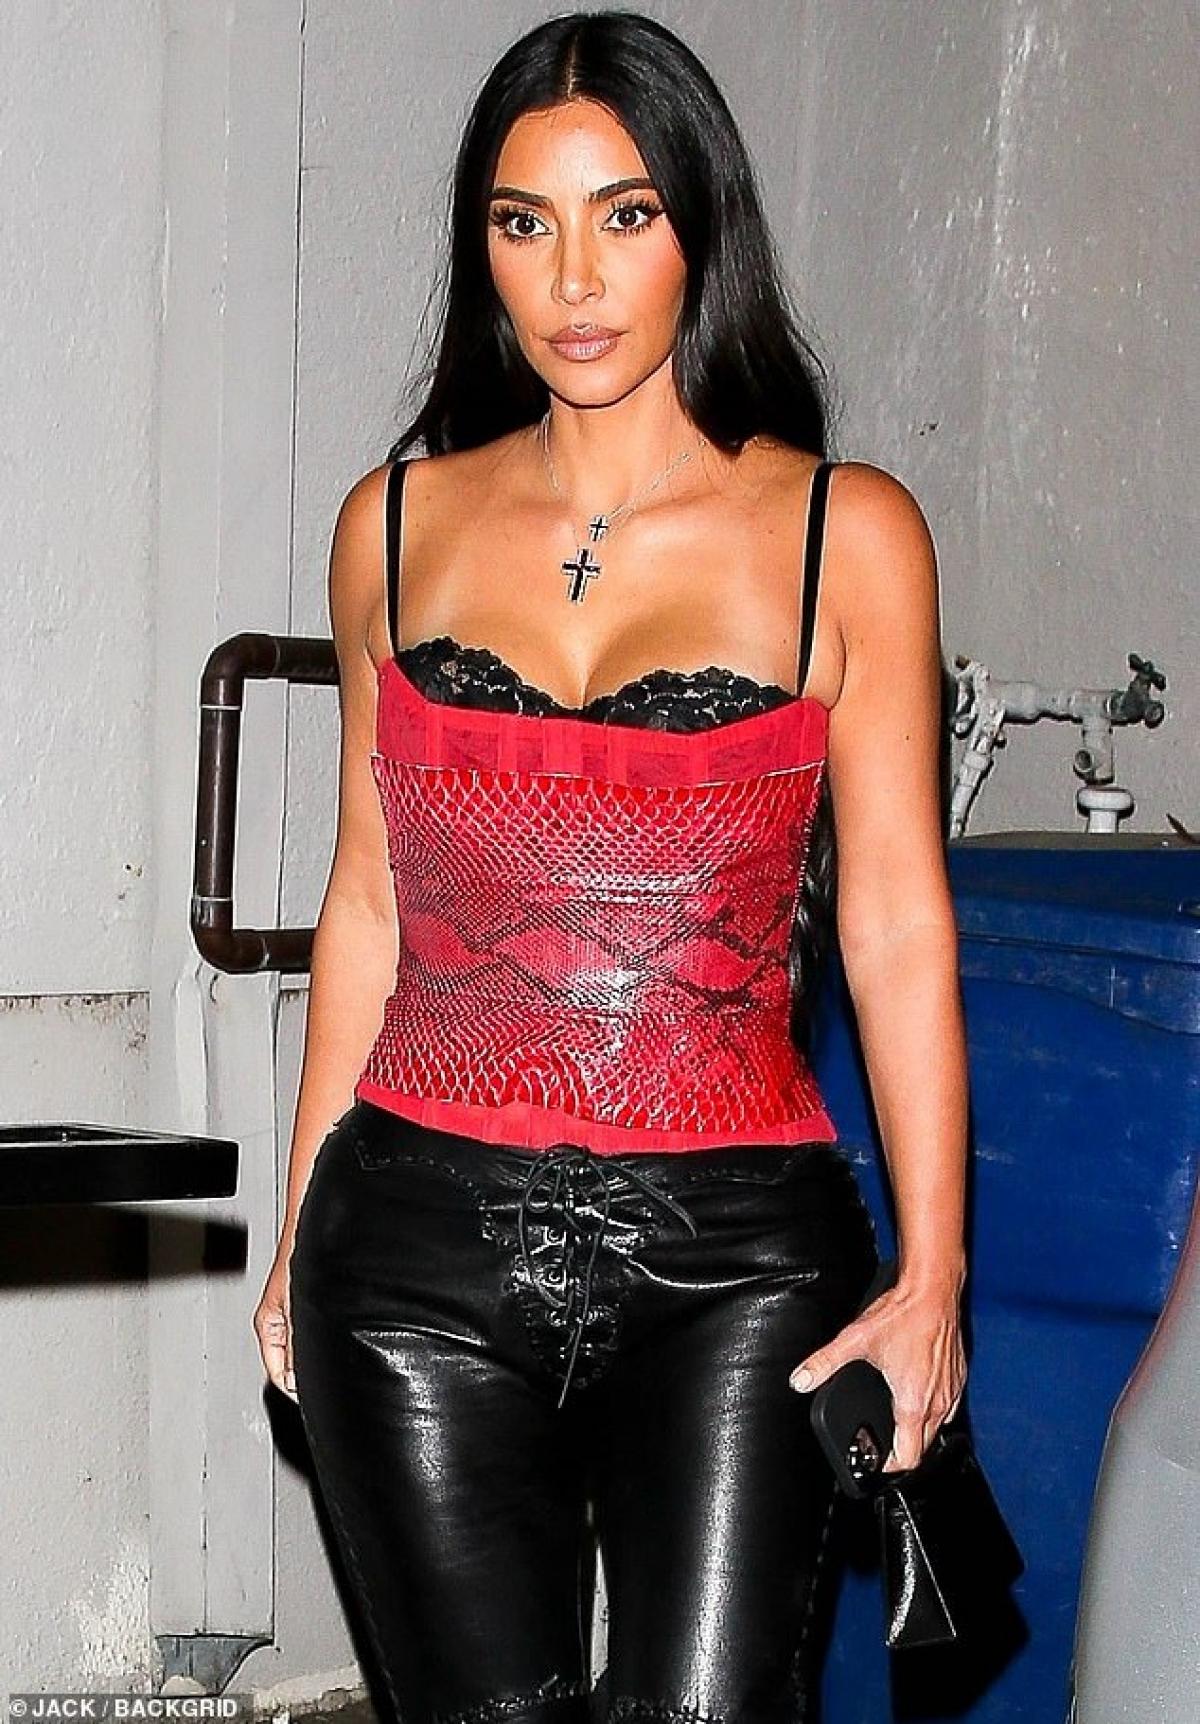 Trang TMZ đưa tin, Kim Kardashian đã đệ đơn ly hôn Kanye West sau gần 7 năm chung sống. Kim yêu cầu được quyền nuôi dưỡng hợp pháp 4 người con chung với Kanye, tuy nhiên cả hai sẽ cùng nhau tham gia nuôi dạy con cái. Hai bên cũng đã đạt được thỏa thuận về giải quyết tài sản.